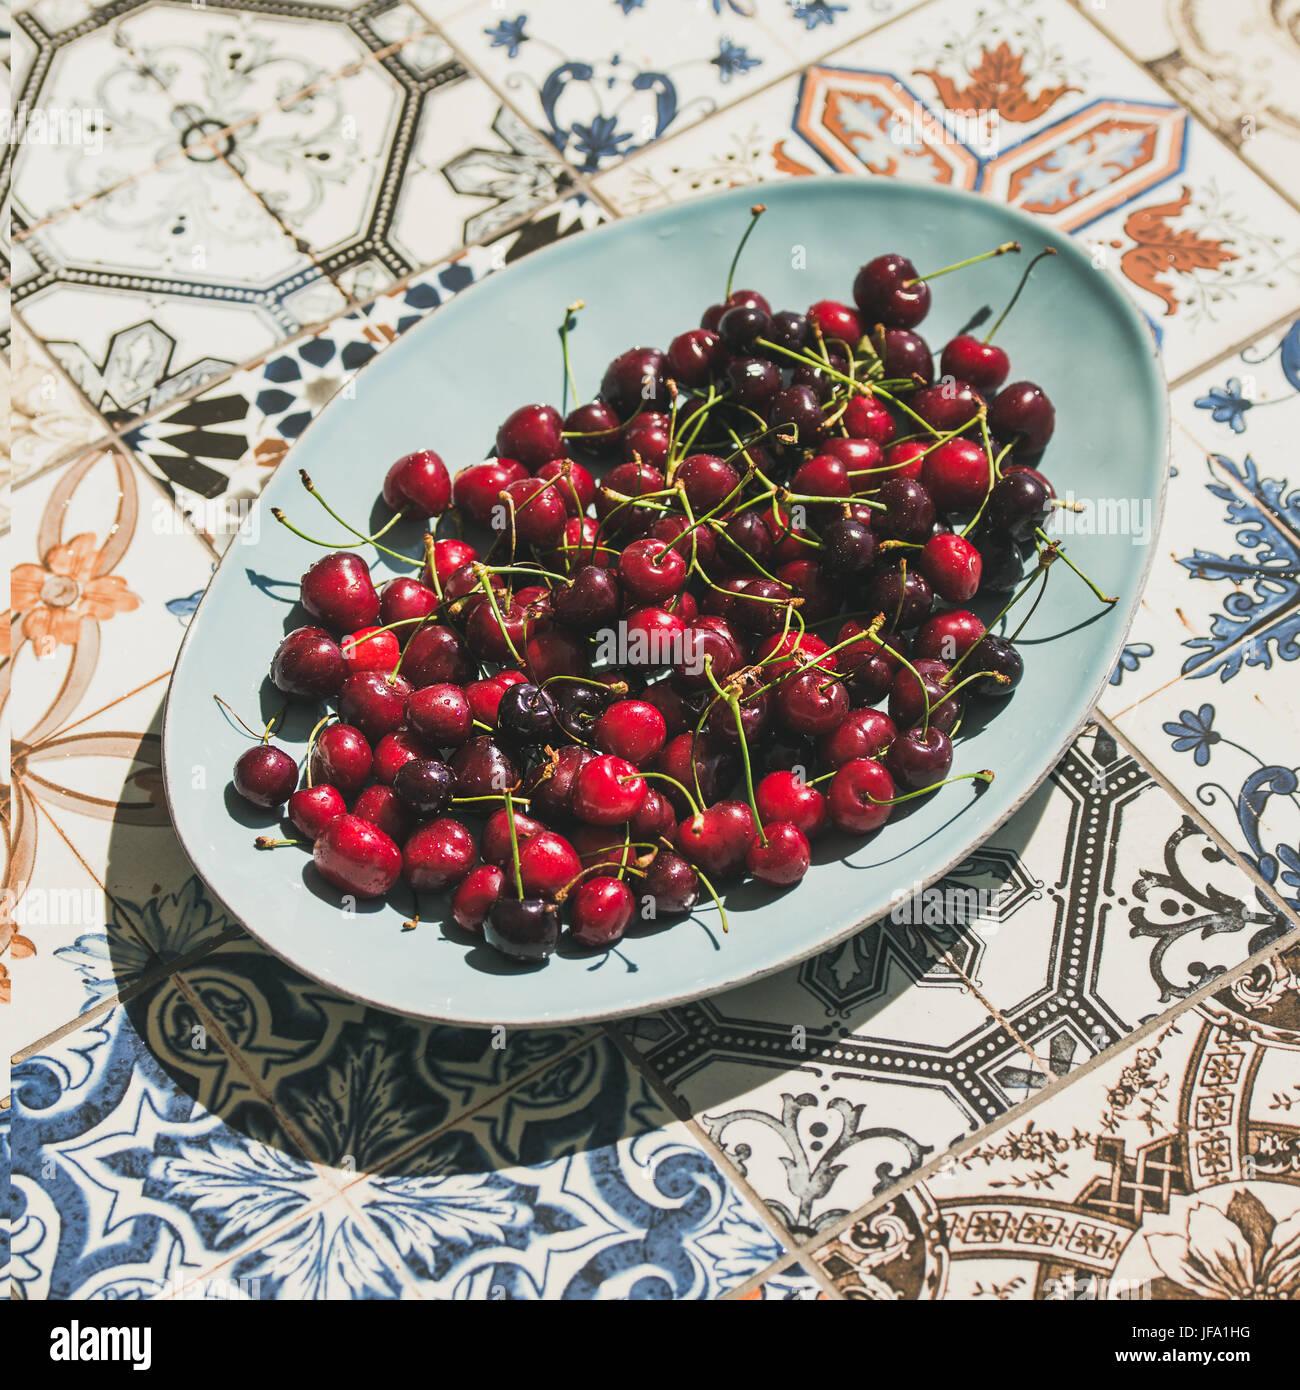 Las cerezas dulces frescas en la placa sobre fondo baldosas cerámicas orientales Imagen De Stock